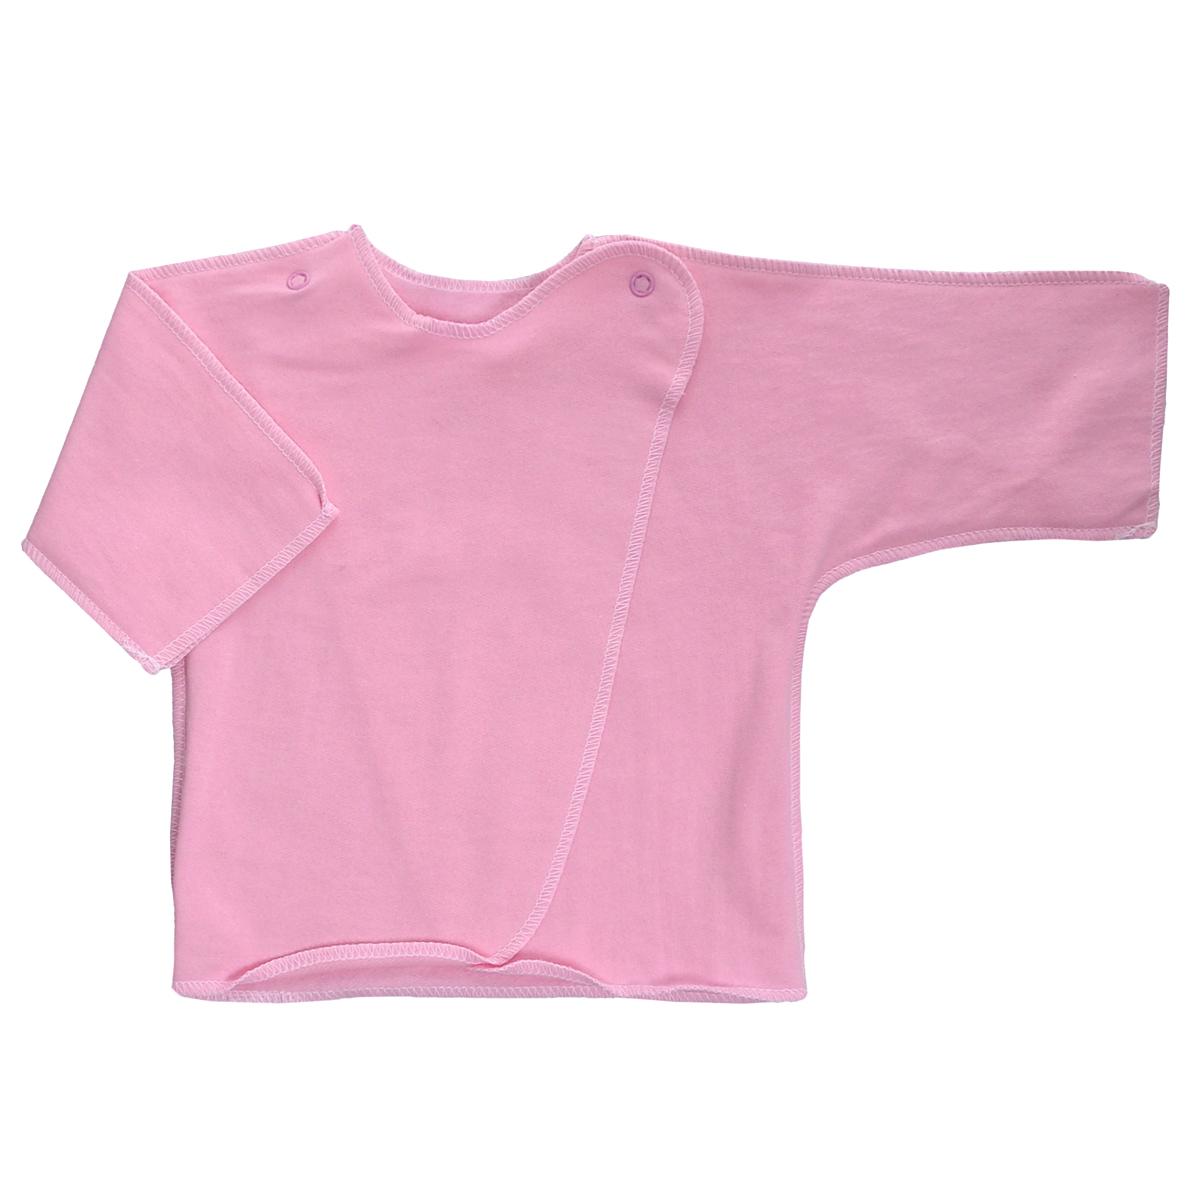 Распашонка Трон-Плюс, цвет: розовый. 5022. Размер 62, 3 месяца5022Распашонка Трон-плюс послужит идеальным дополнением к гардеробу младенца. Распашонка с рукавами-кимоно, выполненная швами наружу, изготовлена из футера - натурального хлопка, благодаря чему она необычайно мягкая и легкая, не раздражает нежную кожу ребенка и хорошо вентилируется, а эластичные швы приятны телу малыша и не препятствуют его движениям. Распашонка с запахом, застегивается при помощи двух кнопок на плечах, которые позволяют без труда переодеть ребенка. Распашонка полностью соответствует особенностям жизни ребенка в ранний период, не стесняя и не ограничивая его в движениях.